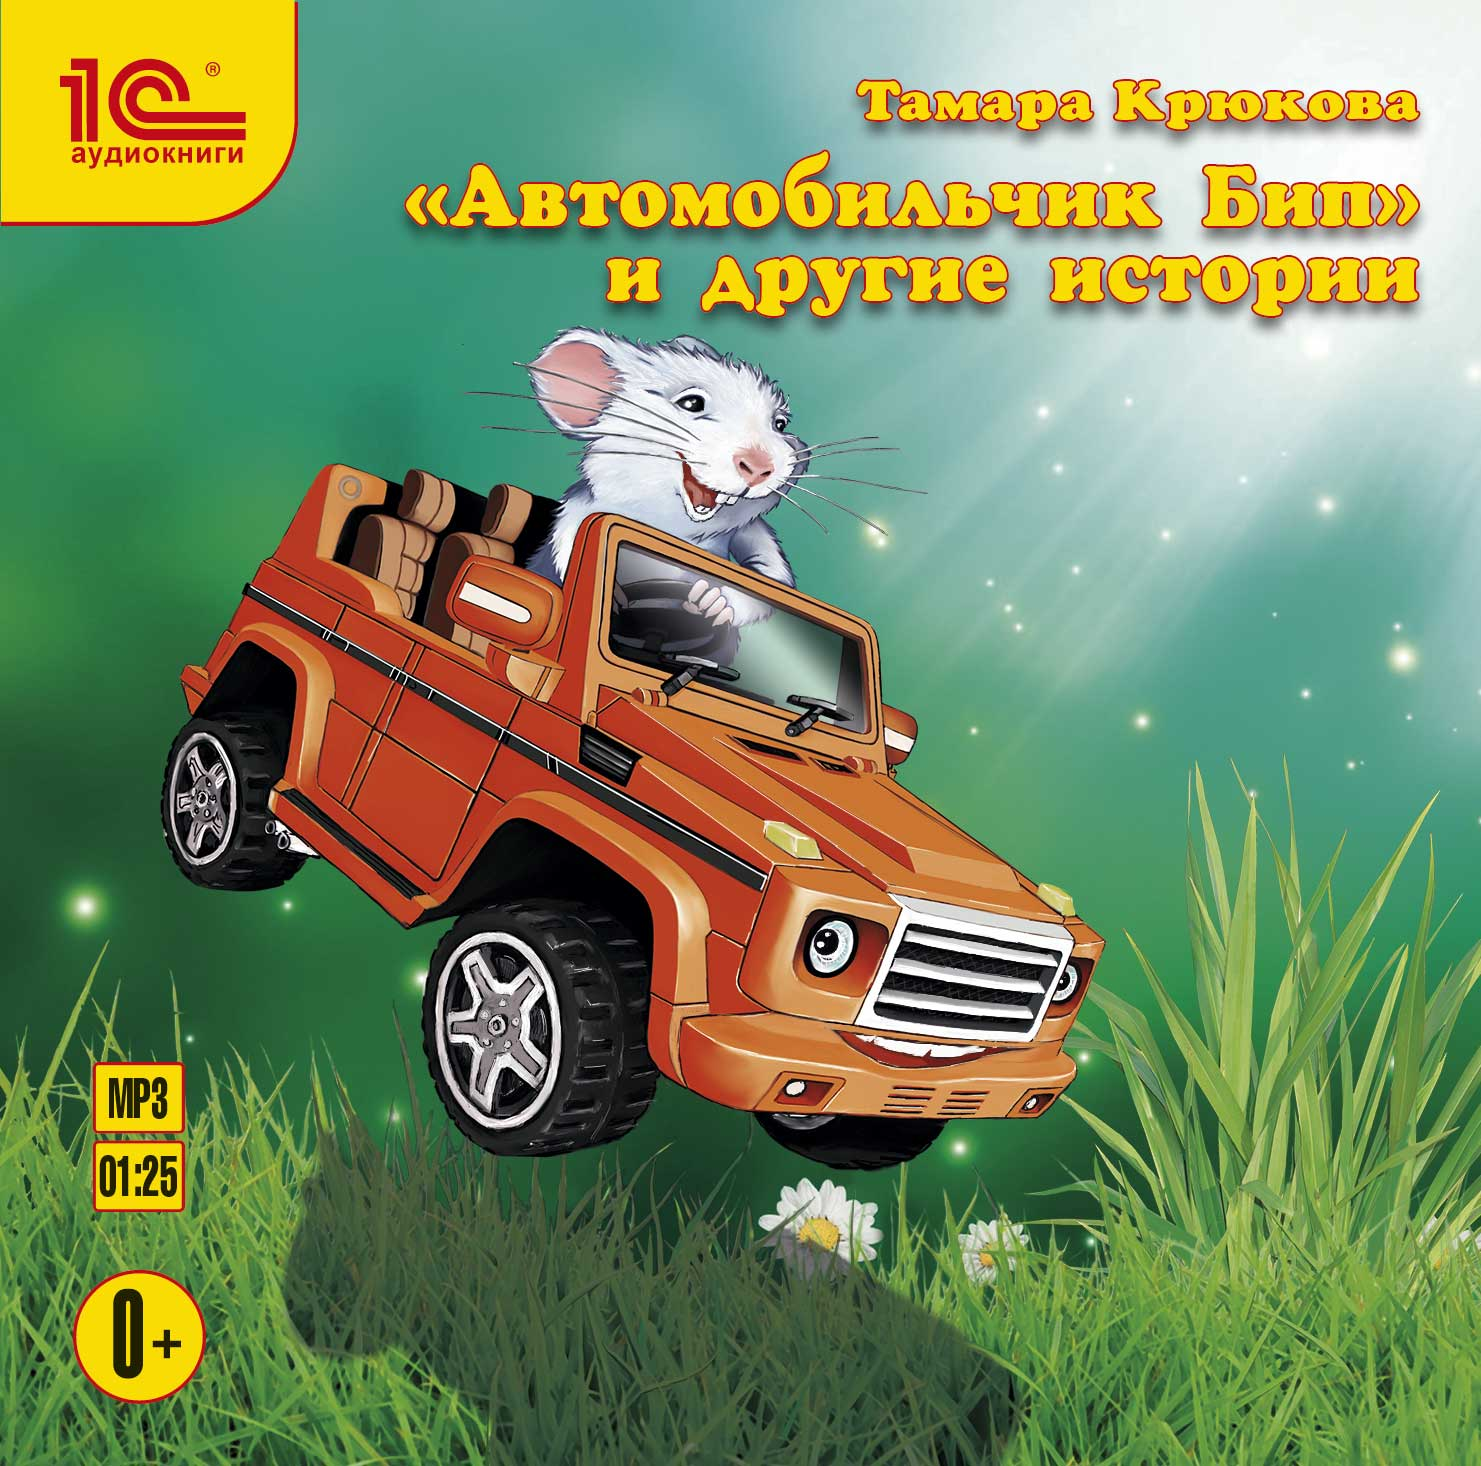 «Автомобильчик Бип» и другие истории (Цифровая версия)Предлагаем вашему вниманию аудиоверсию книги «Автомобильчик Бип» и другие истории Тамары Крюковой.<br>